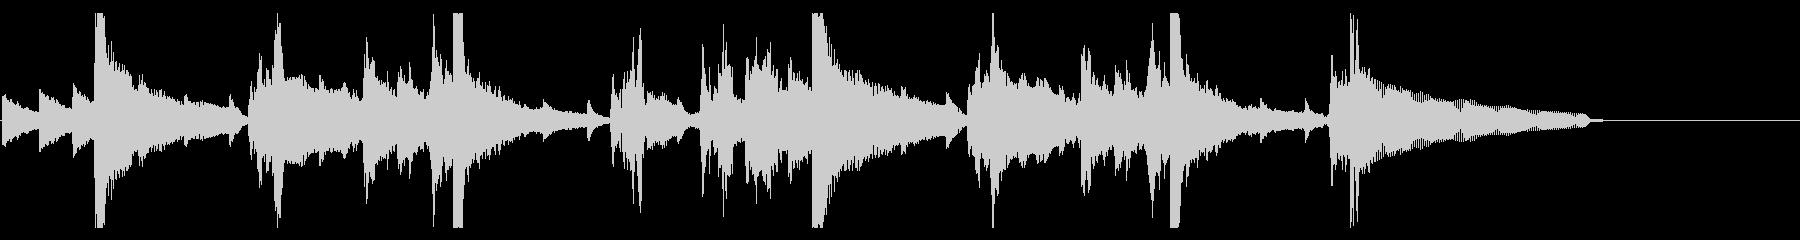 【20秒】落ち着いた雰囲気のピアノBGMの未再生の波形